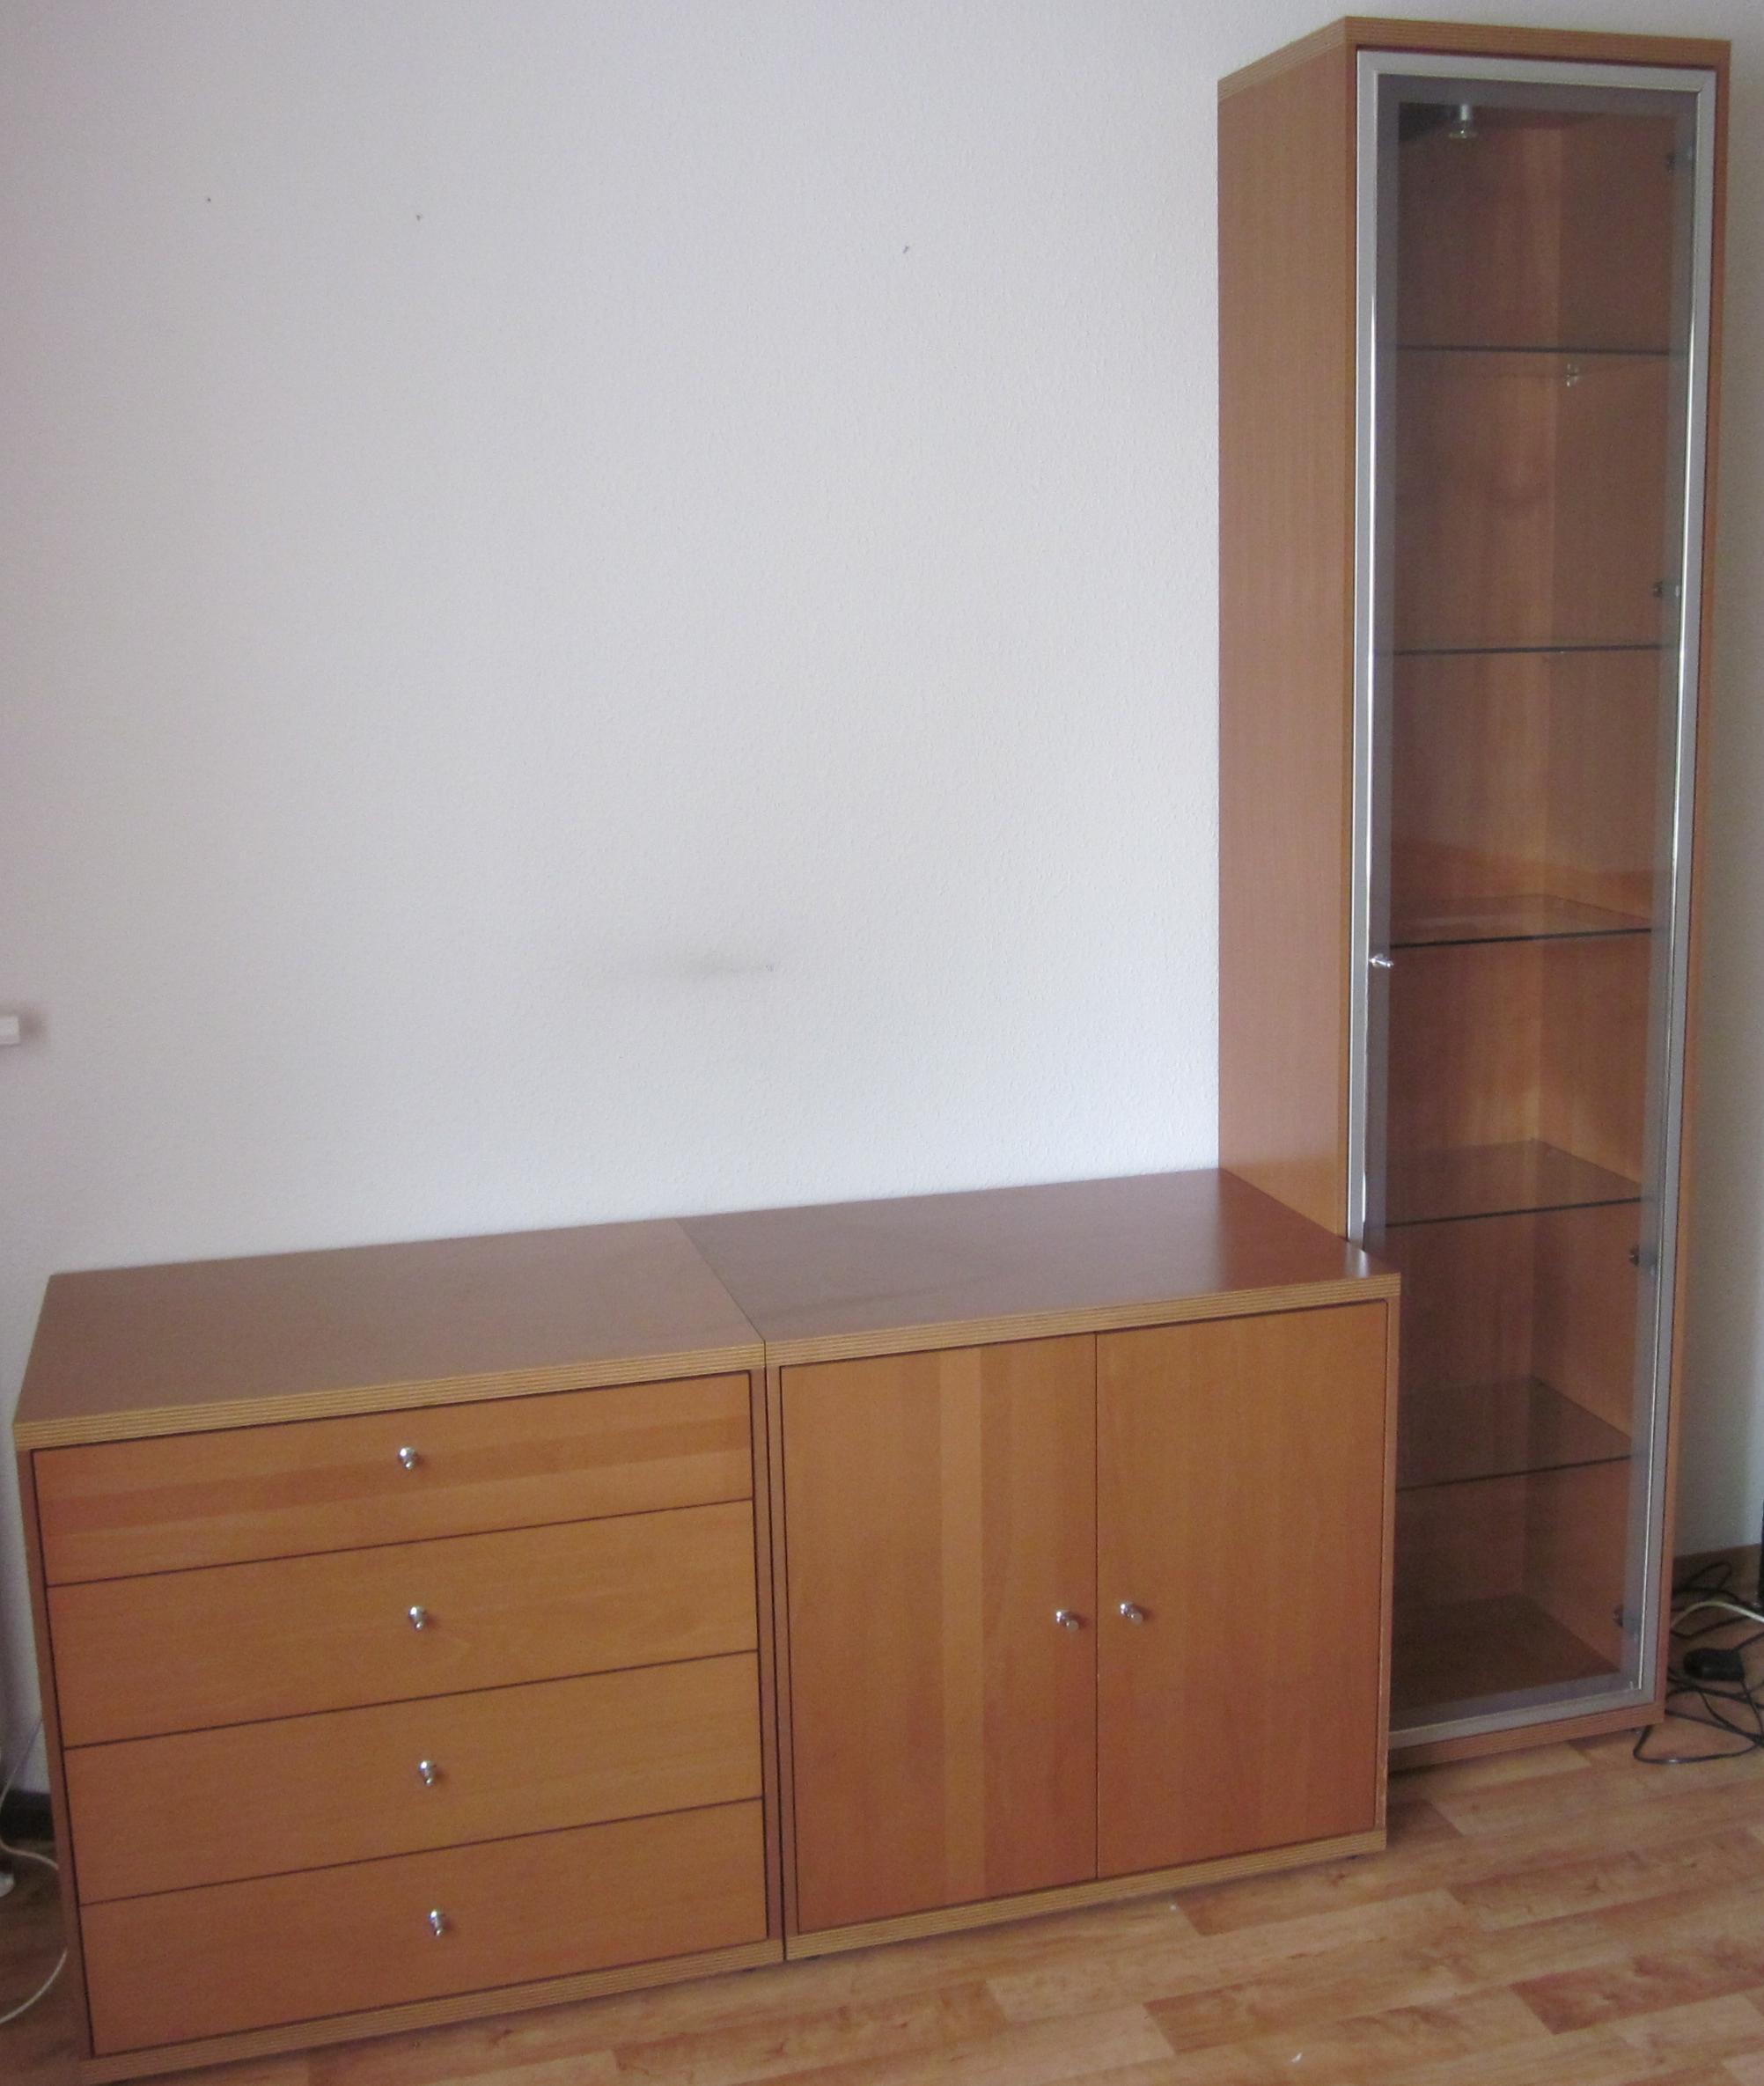 kleinanzeigen wohnzimmerschrank anbauwand seite 2. Black Bedroom Furniture Sets. Home Design Ideas